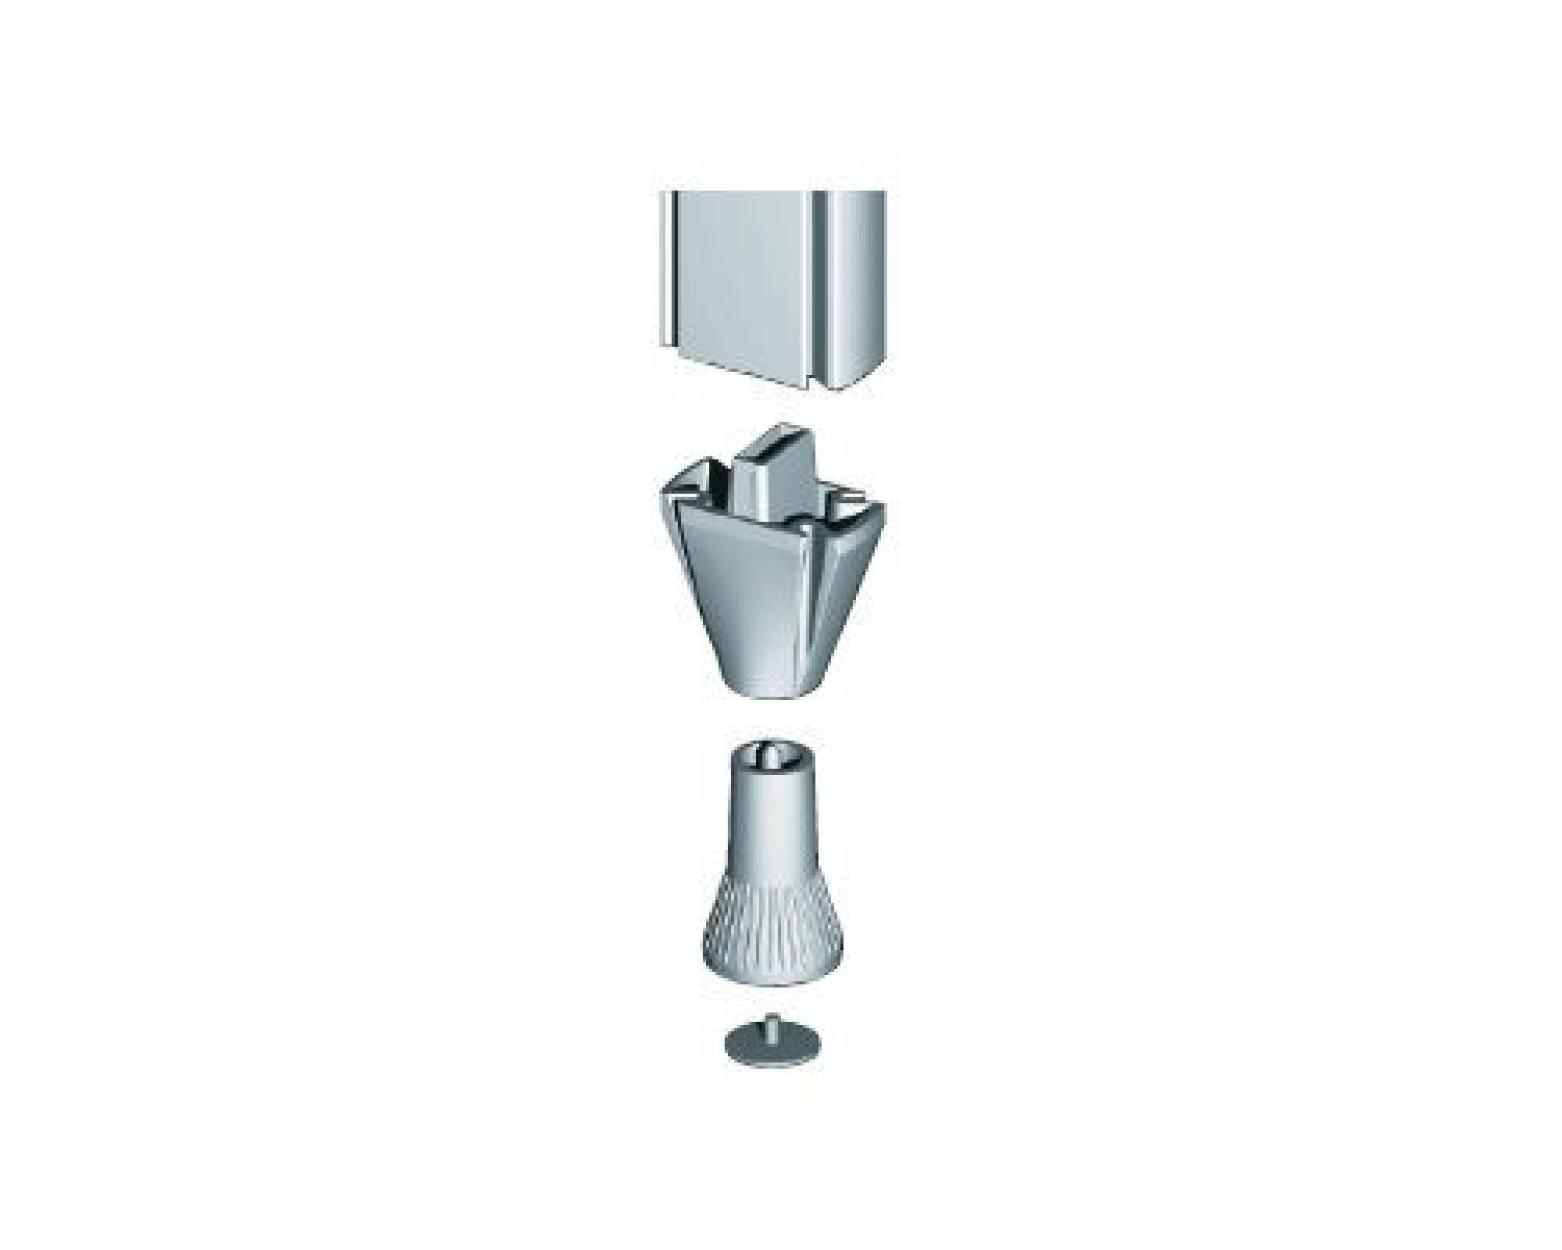 Stilos 3444 опора регулируемая высокая цвет алюминий